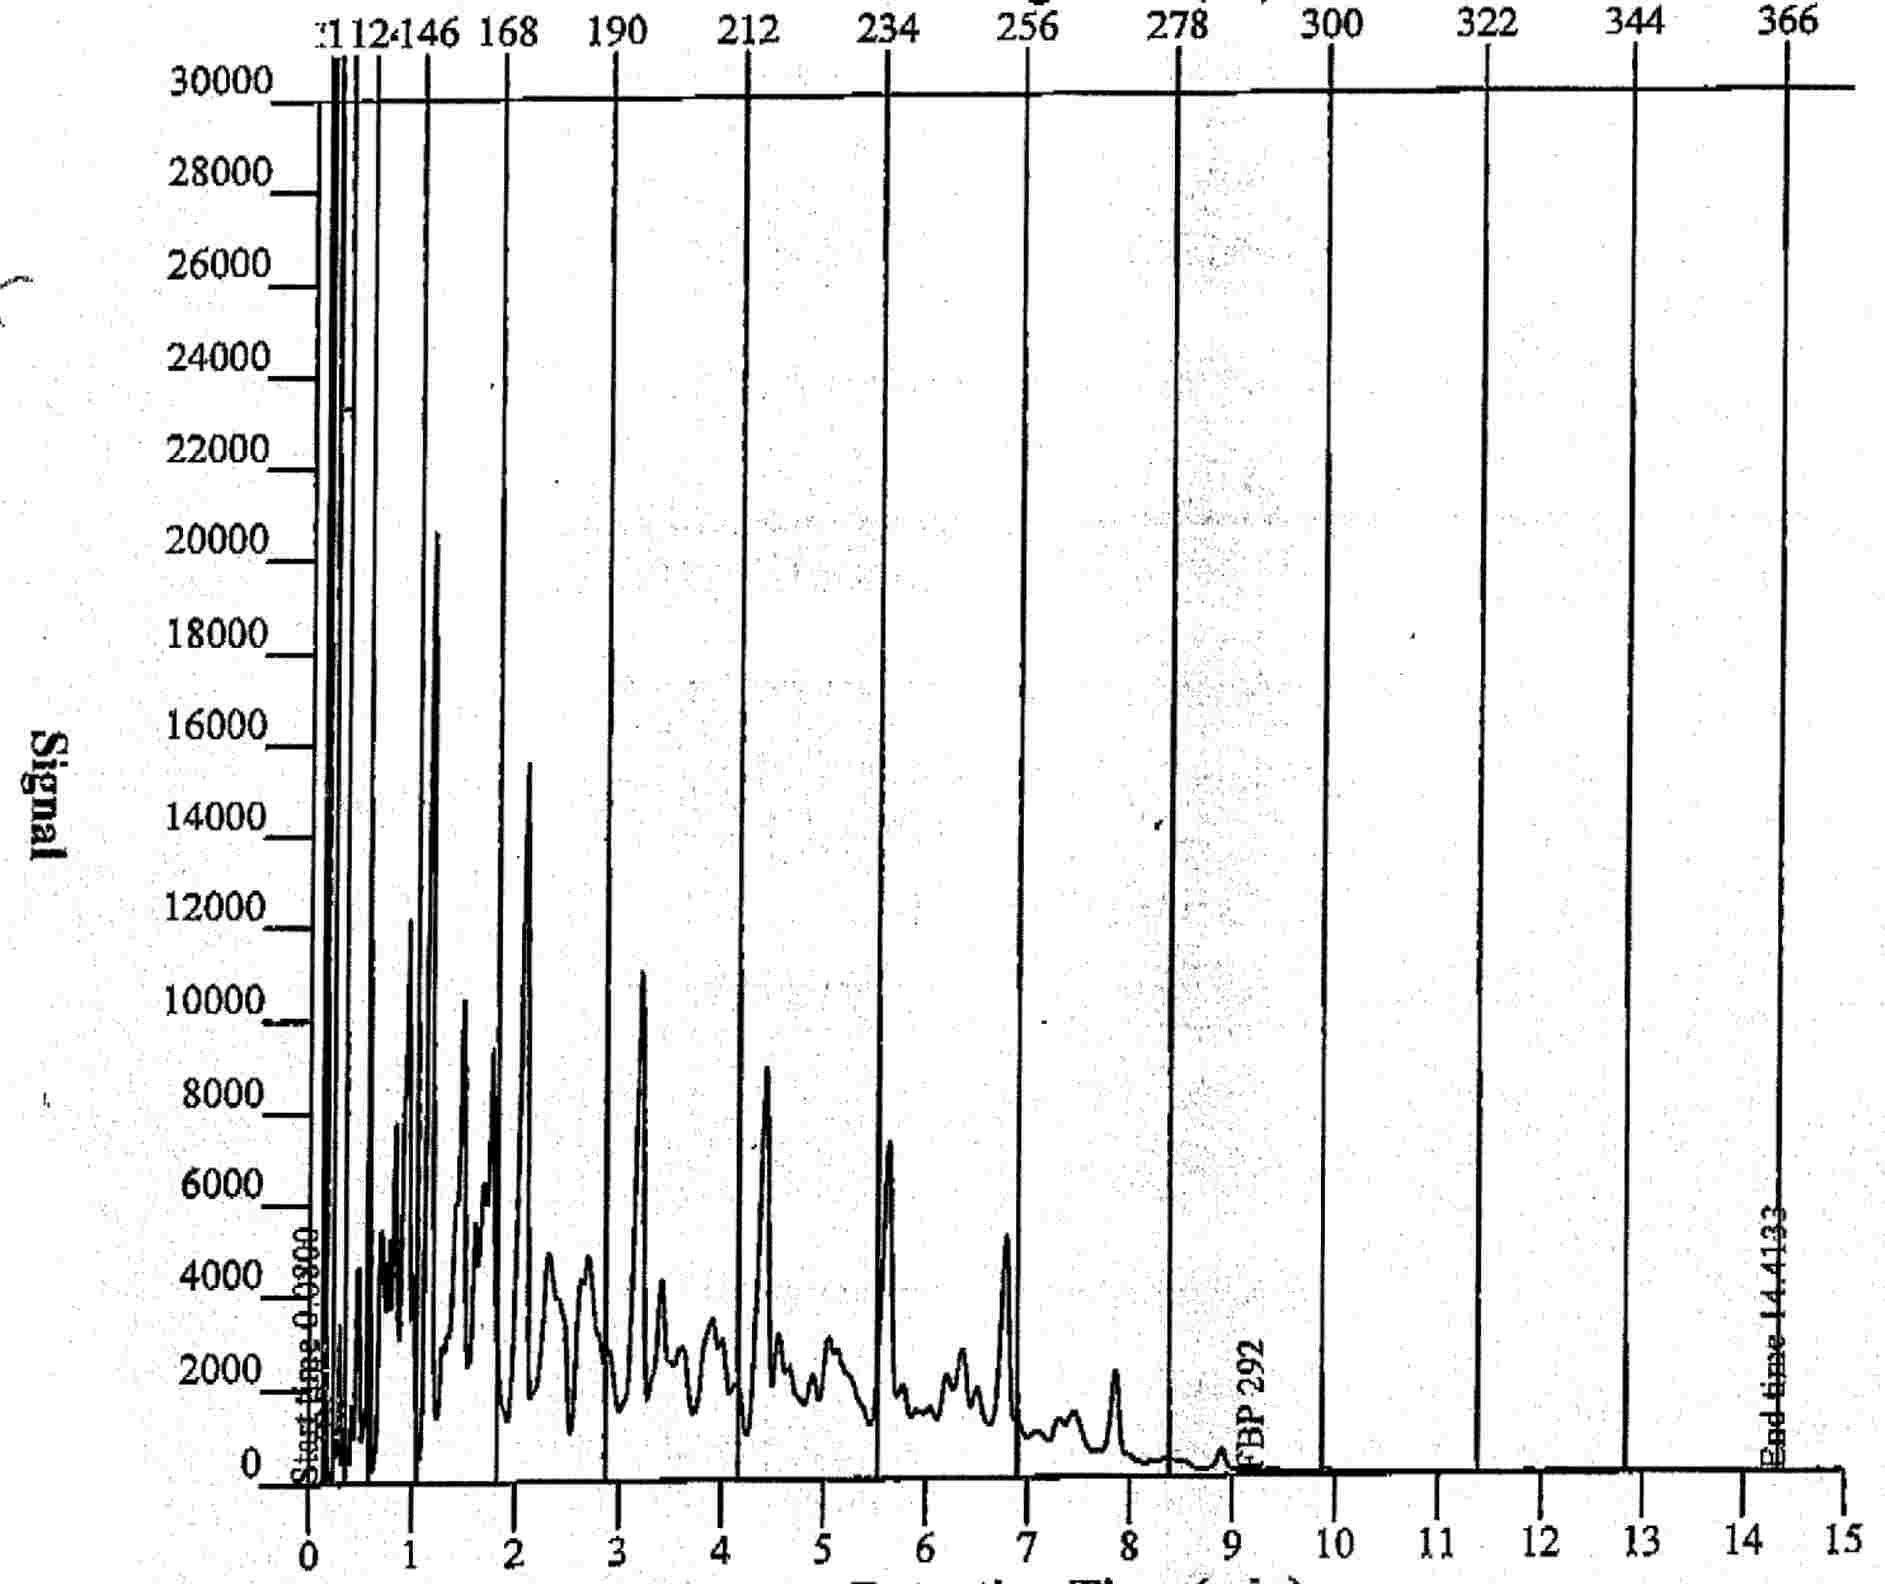 Eur Lex 52011xc050605 En Dental Lathe Wiring Diagram 2 Speed Image